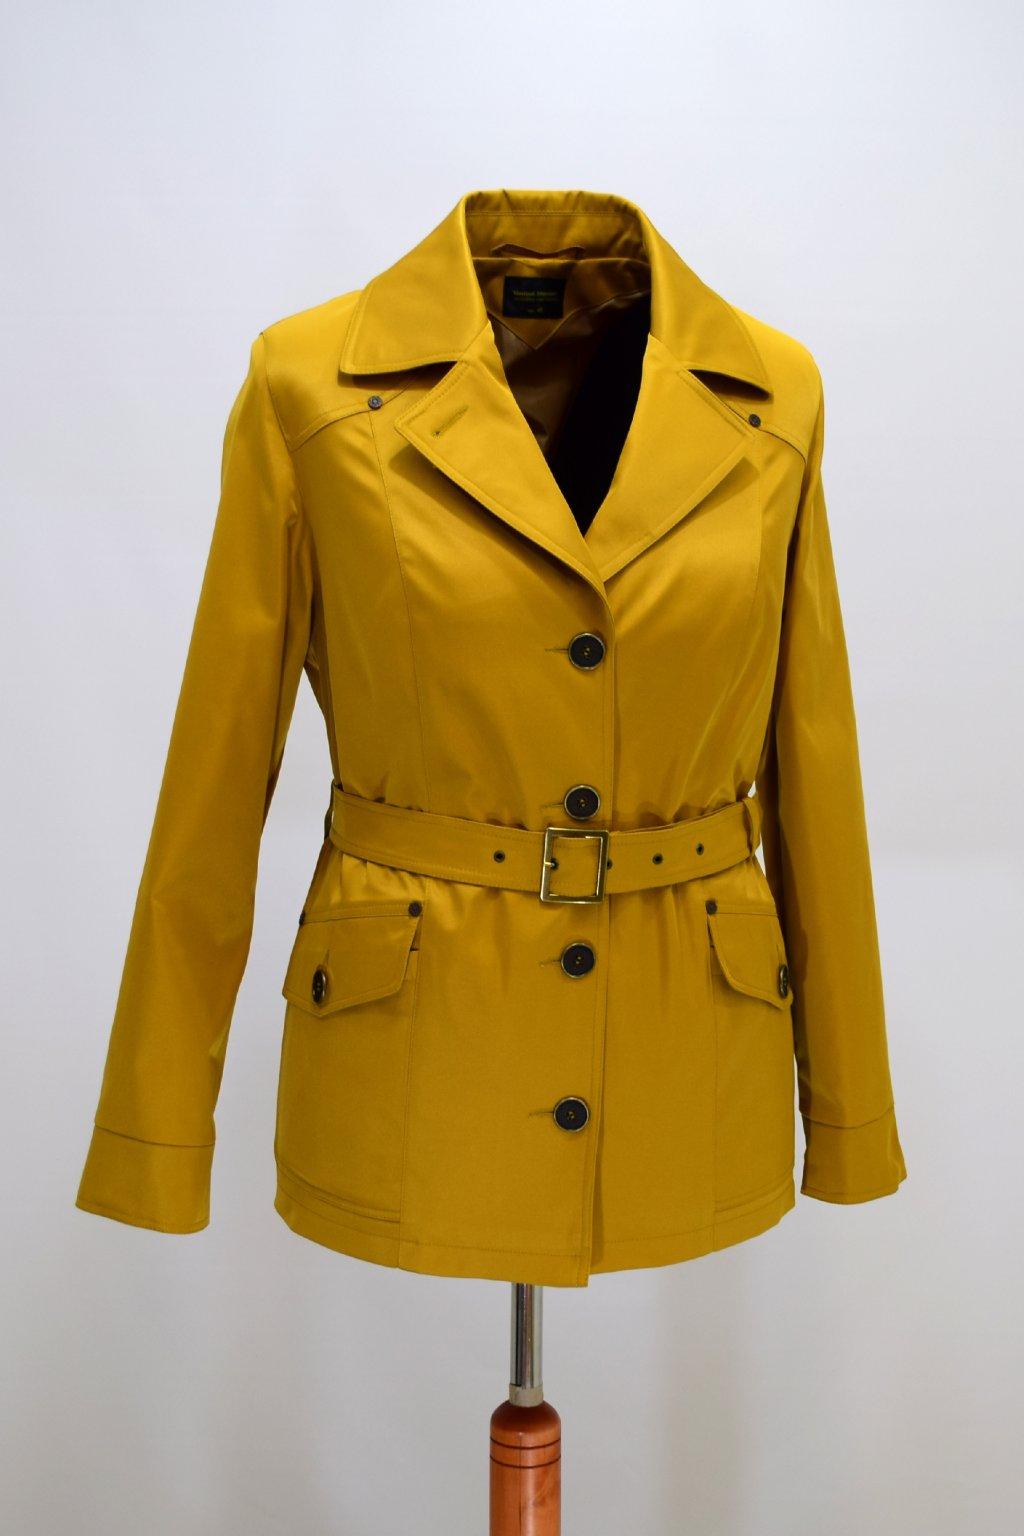 Dámský žlutý jarní kabátek Gábina nadměrné velikosti.